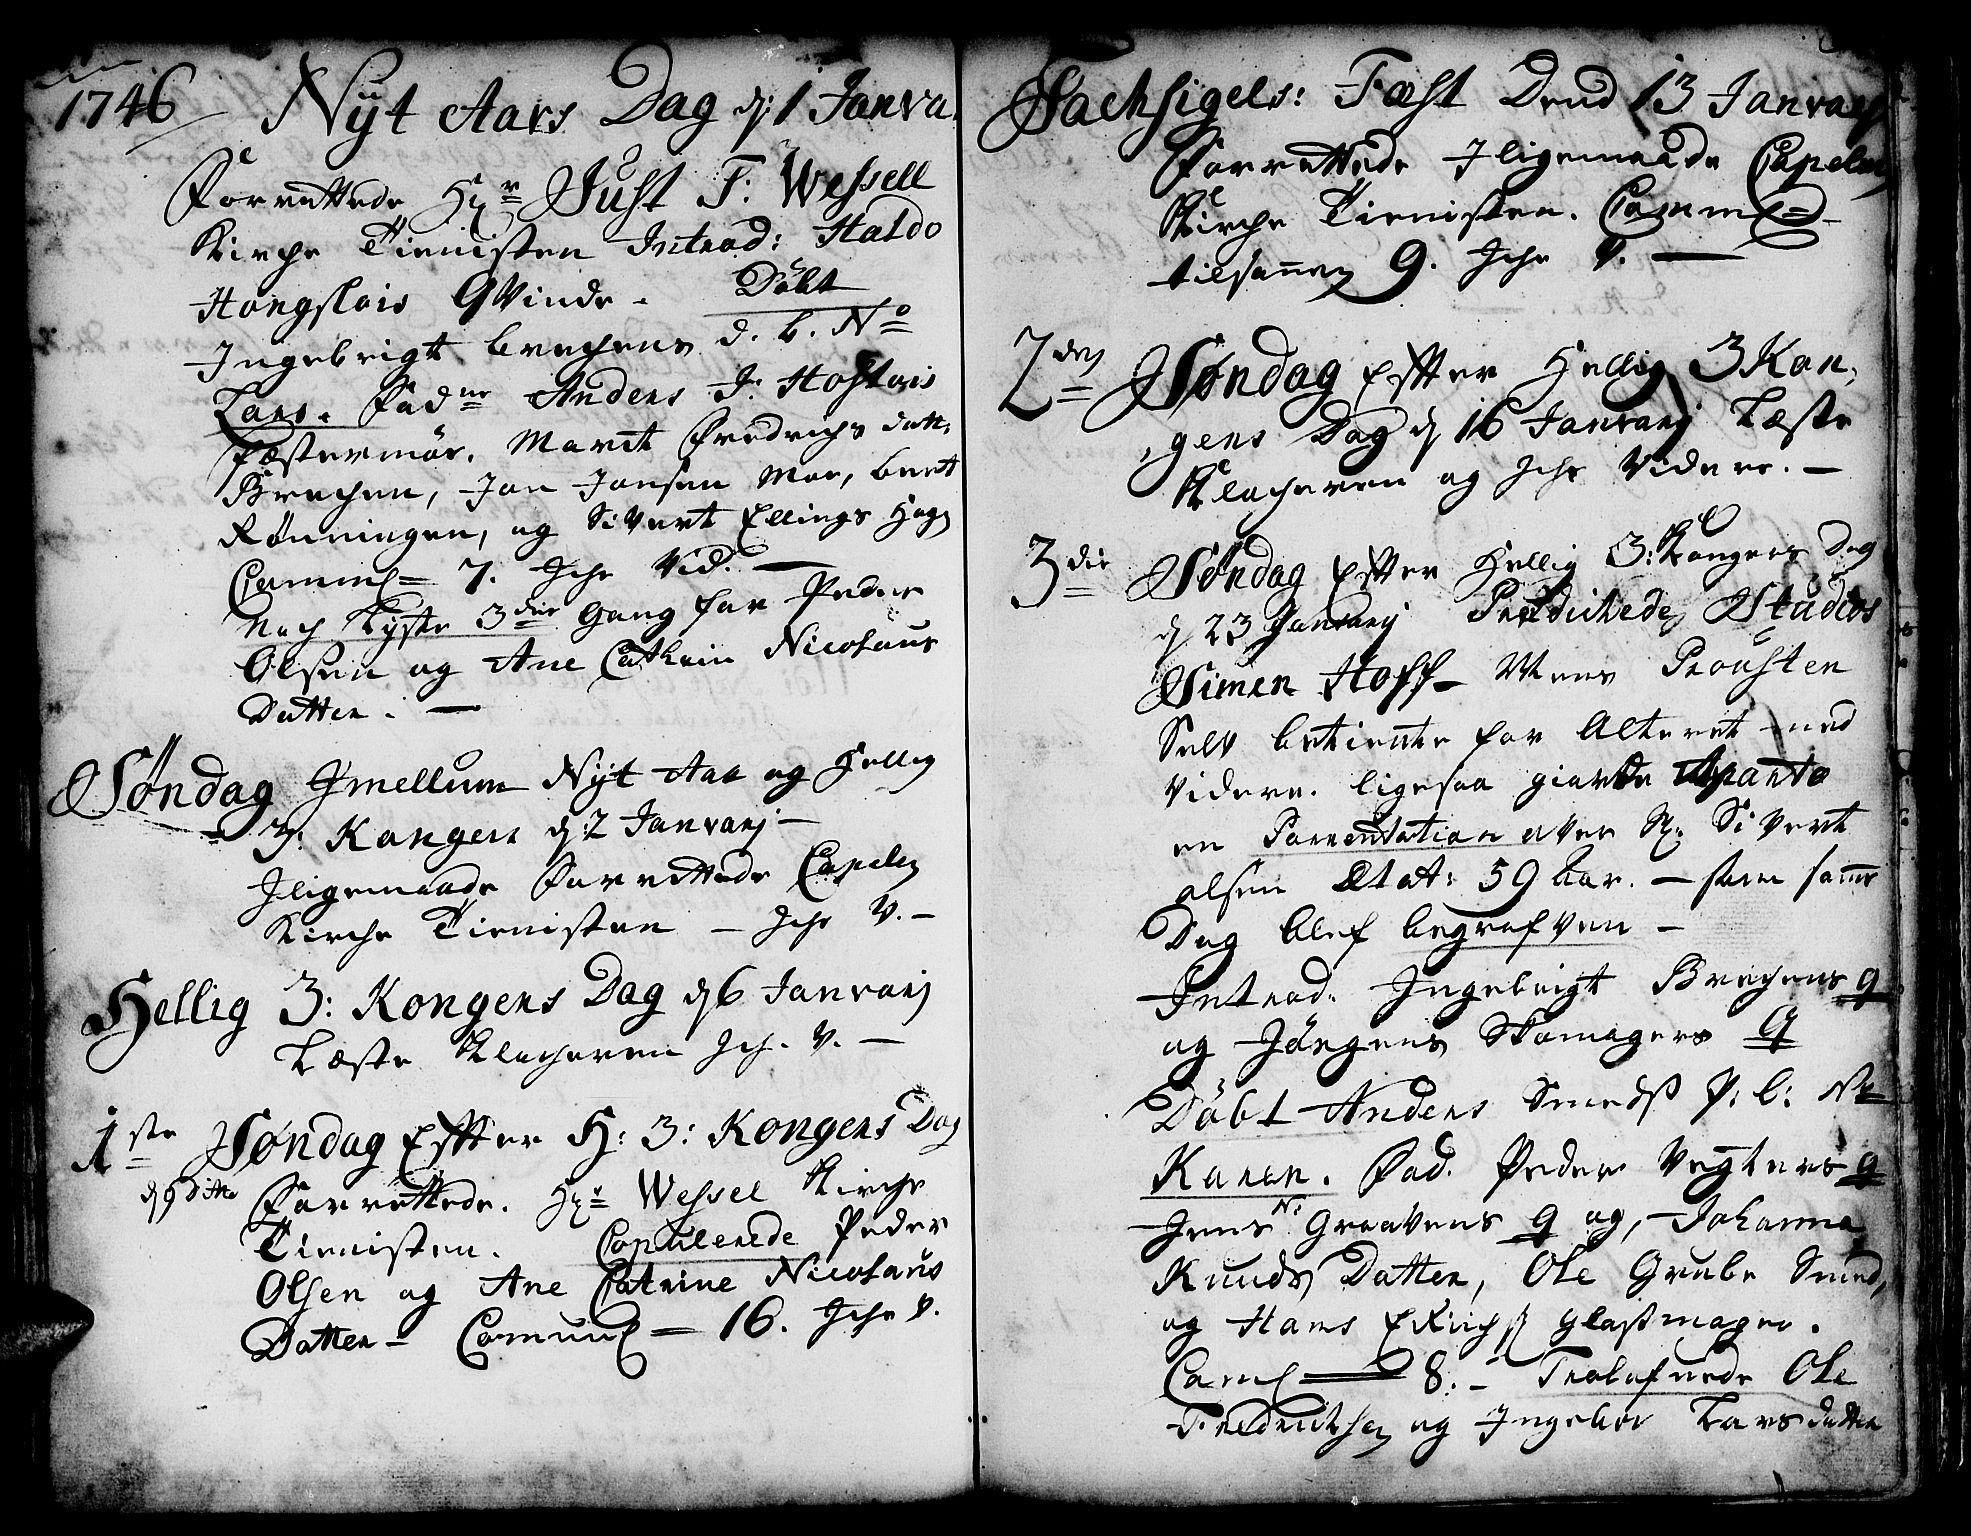 SAT, Ministerialprotokoller, klokkerbøker og fødselsregistre - Sør-Trøndelag, 671/L0839: Ministerialbok nr. 671A01, 1730-1755, s. 314-315